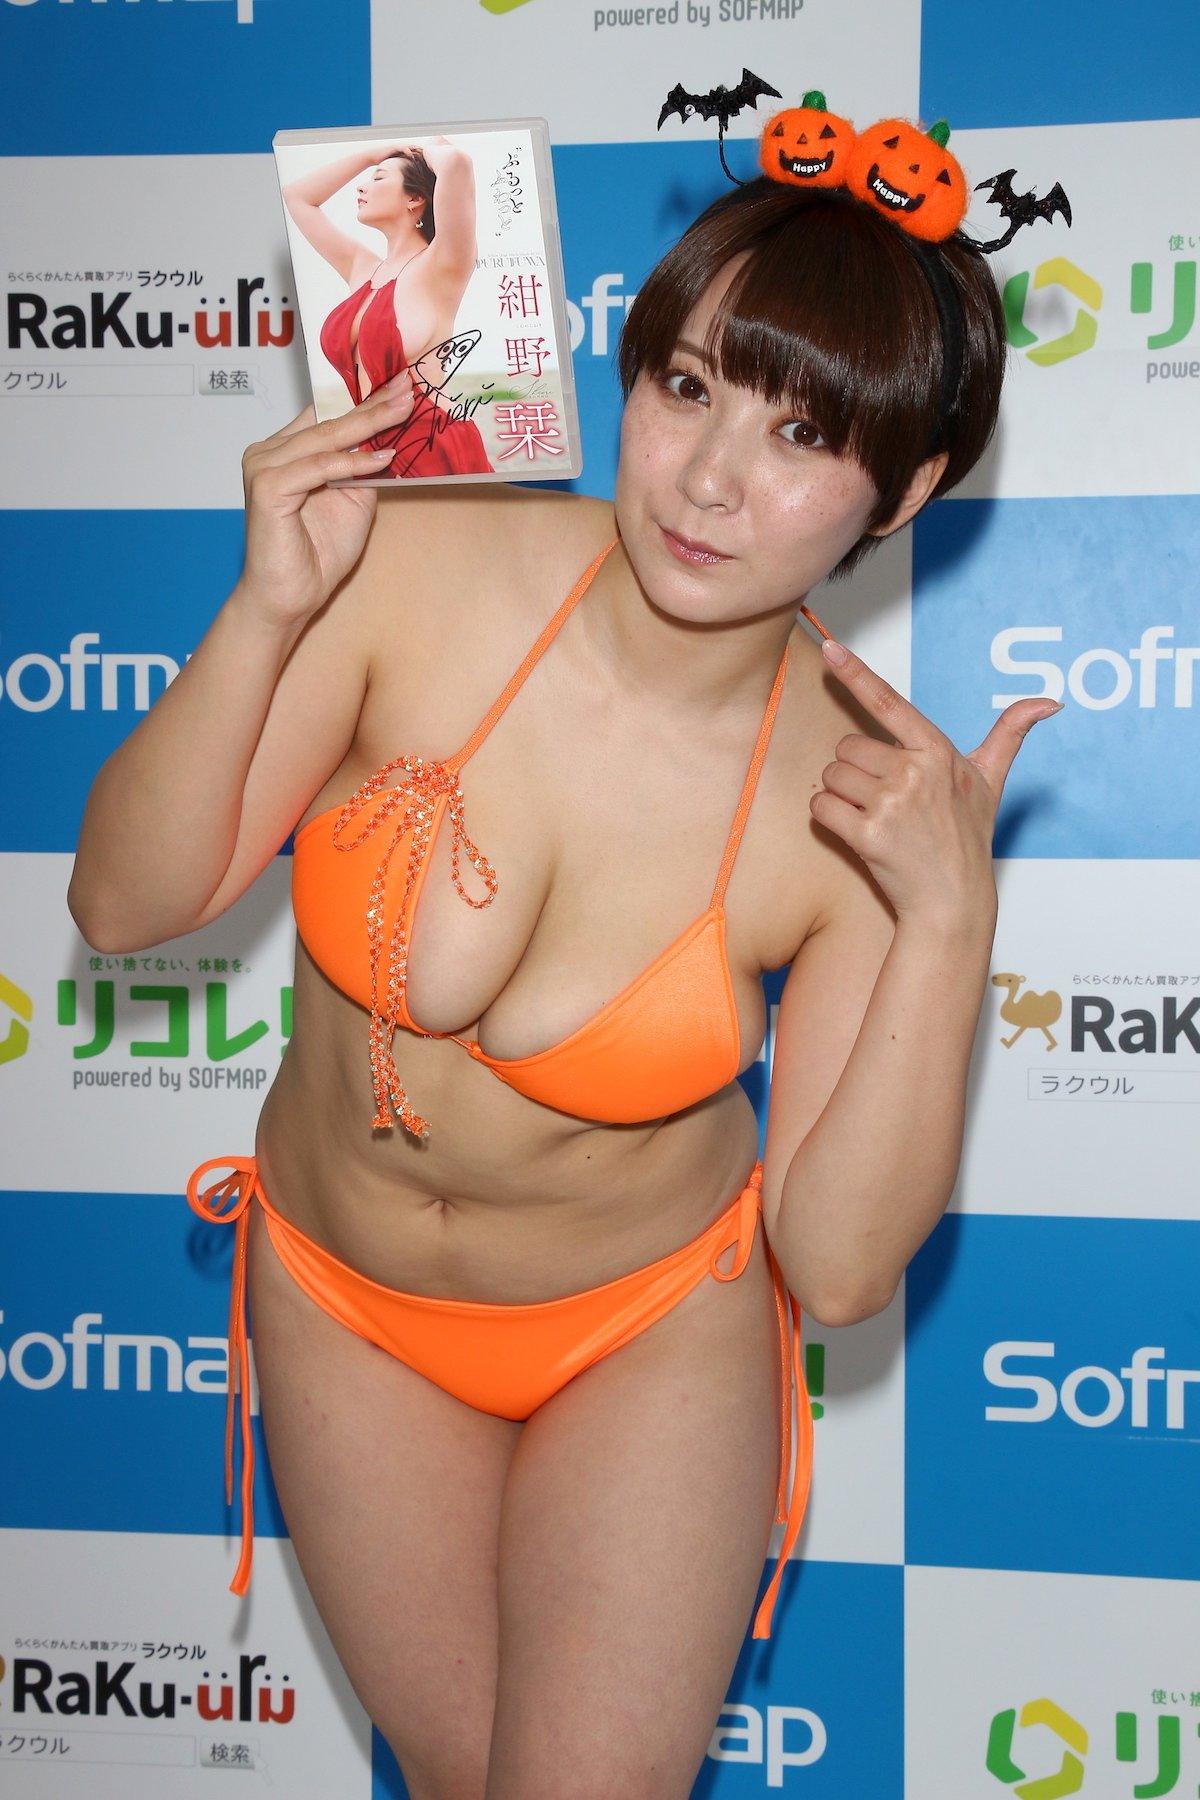 紺野栞「SM嬢に初挑戦」ムチを覚えて感動しました【画像49枚】の画像048